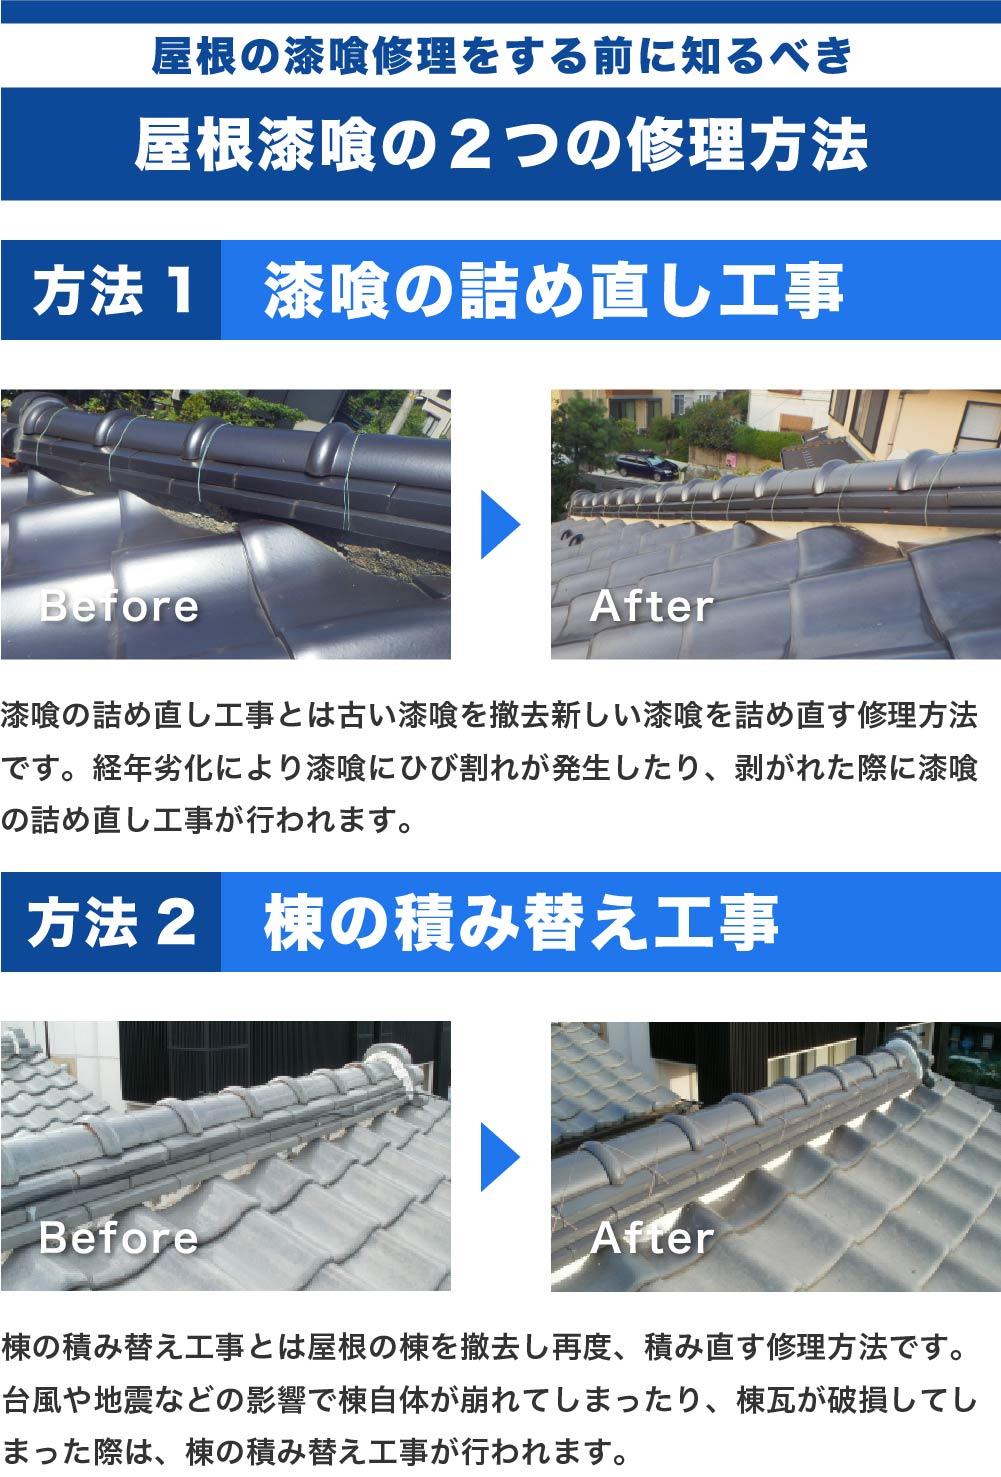 屋根の漆喰工事の種類